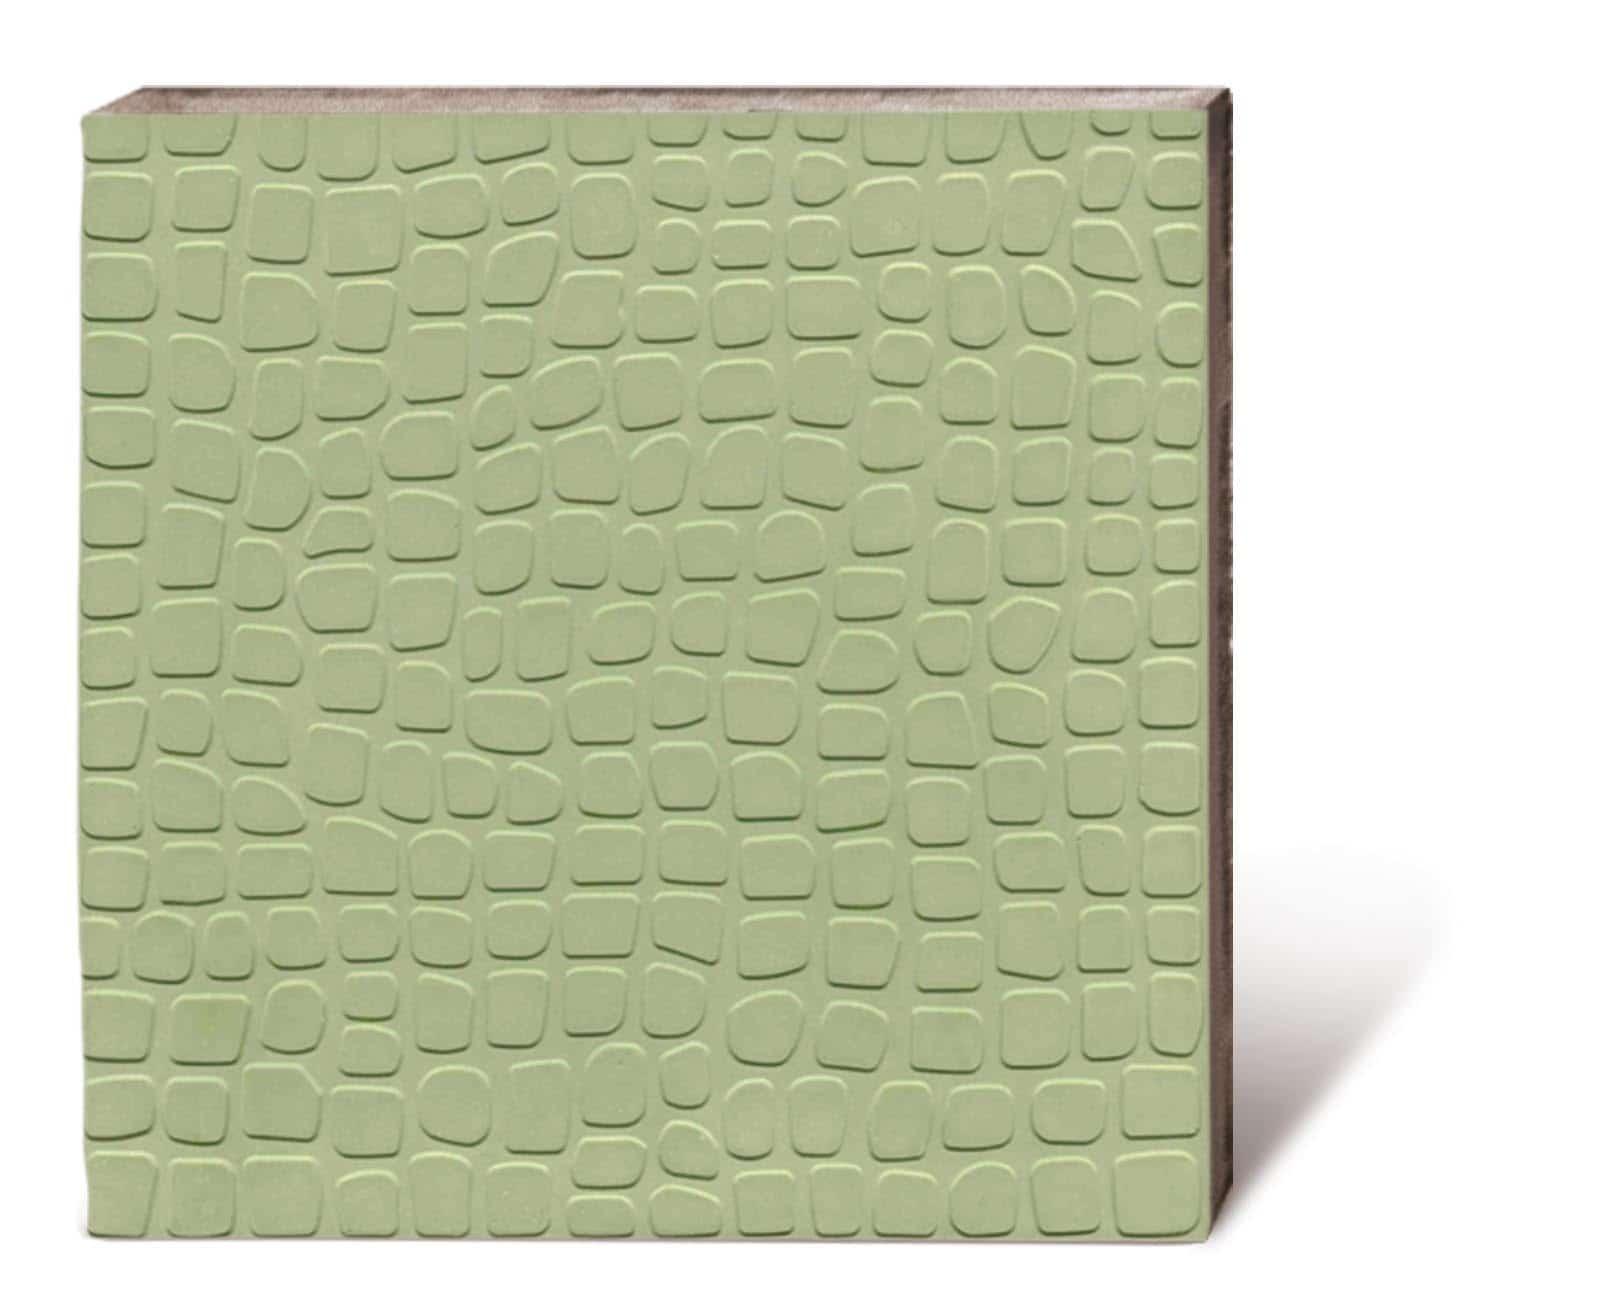 zementfliesen-terrazzofliesen-kreidefarbe-terrazzo-fugenlos-viaplatten-40721-3D